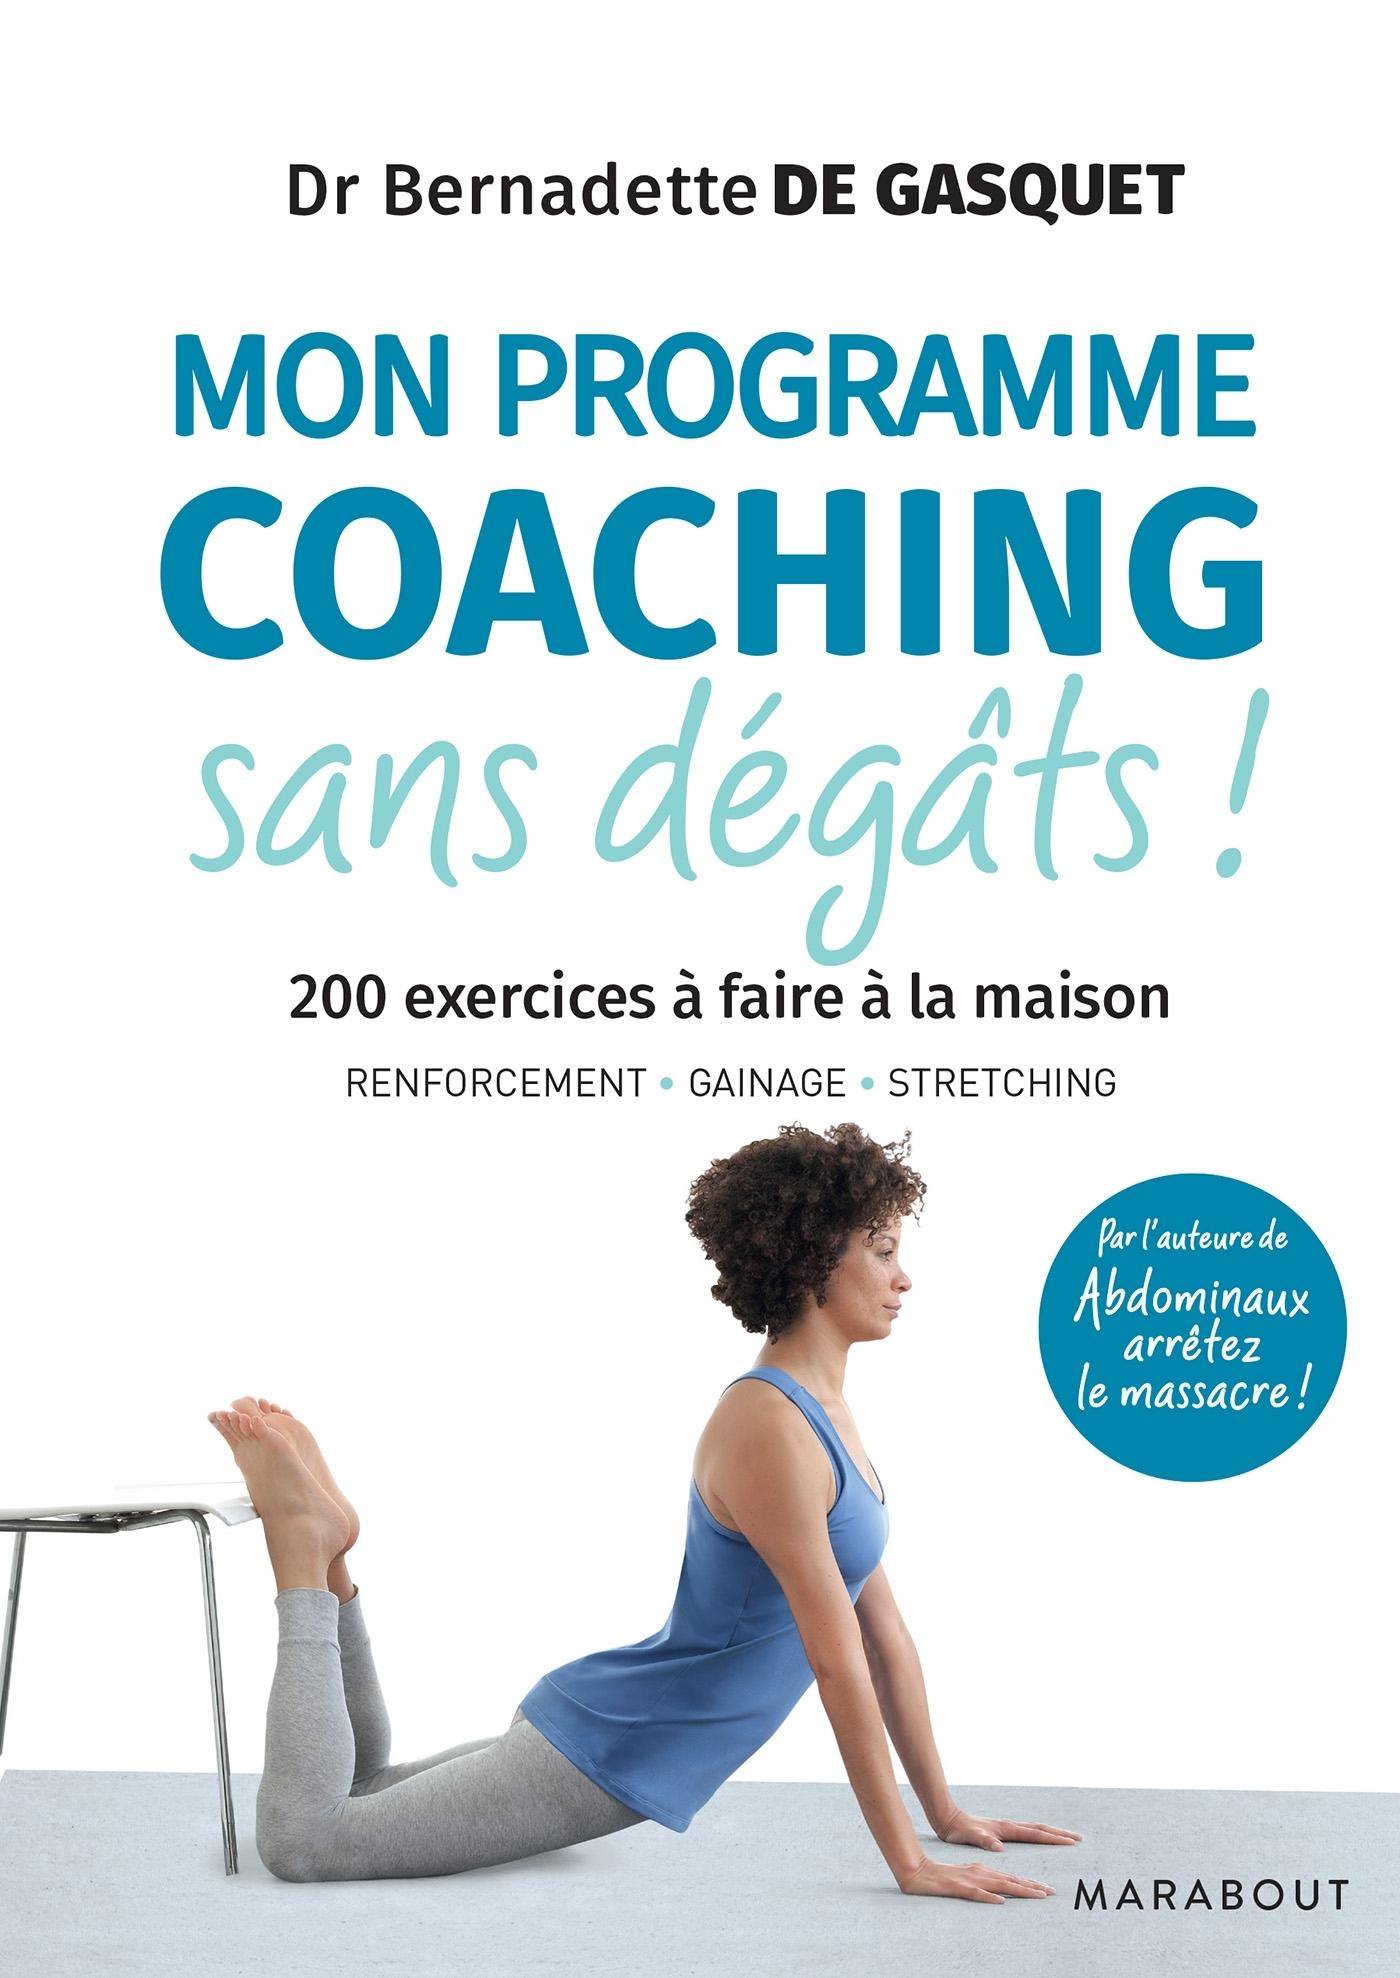 MON PROGRAMME COACHING SANS DEGATS - 200 EXERCICES A FAIRE A LA MAISON